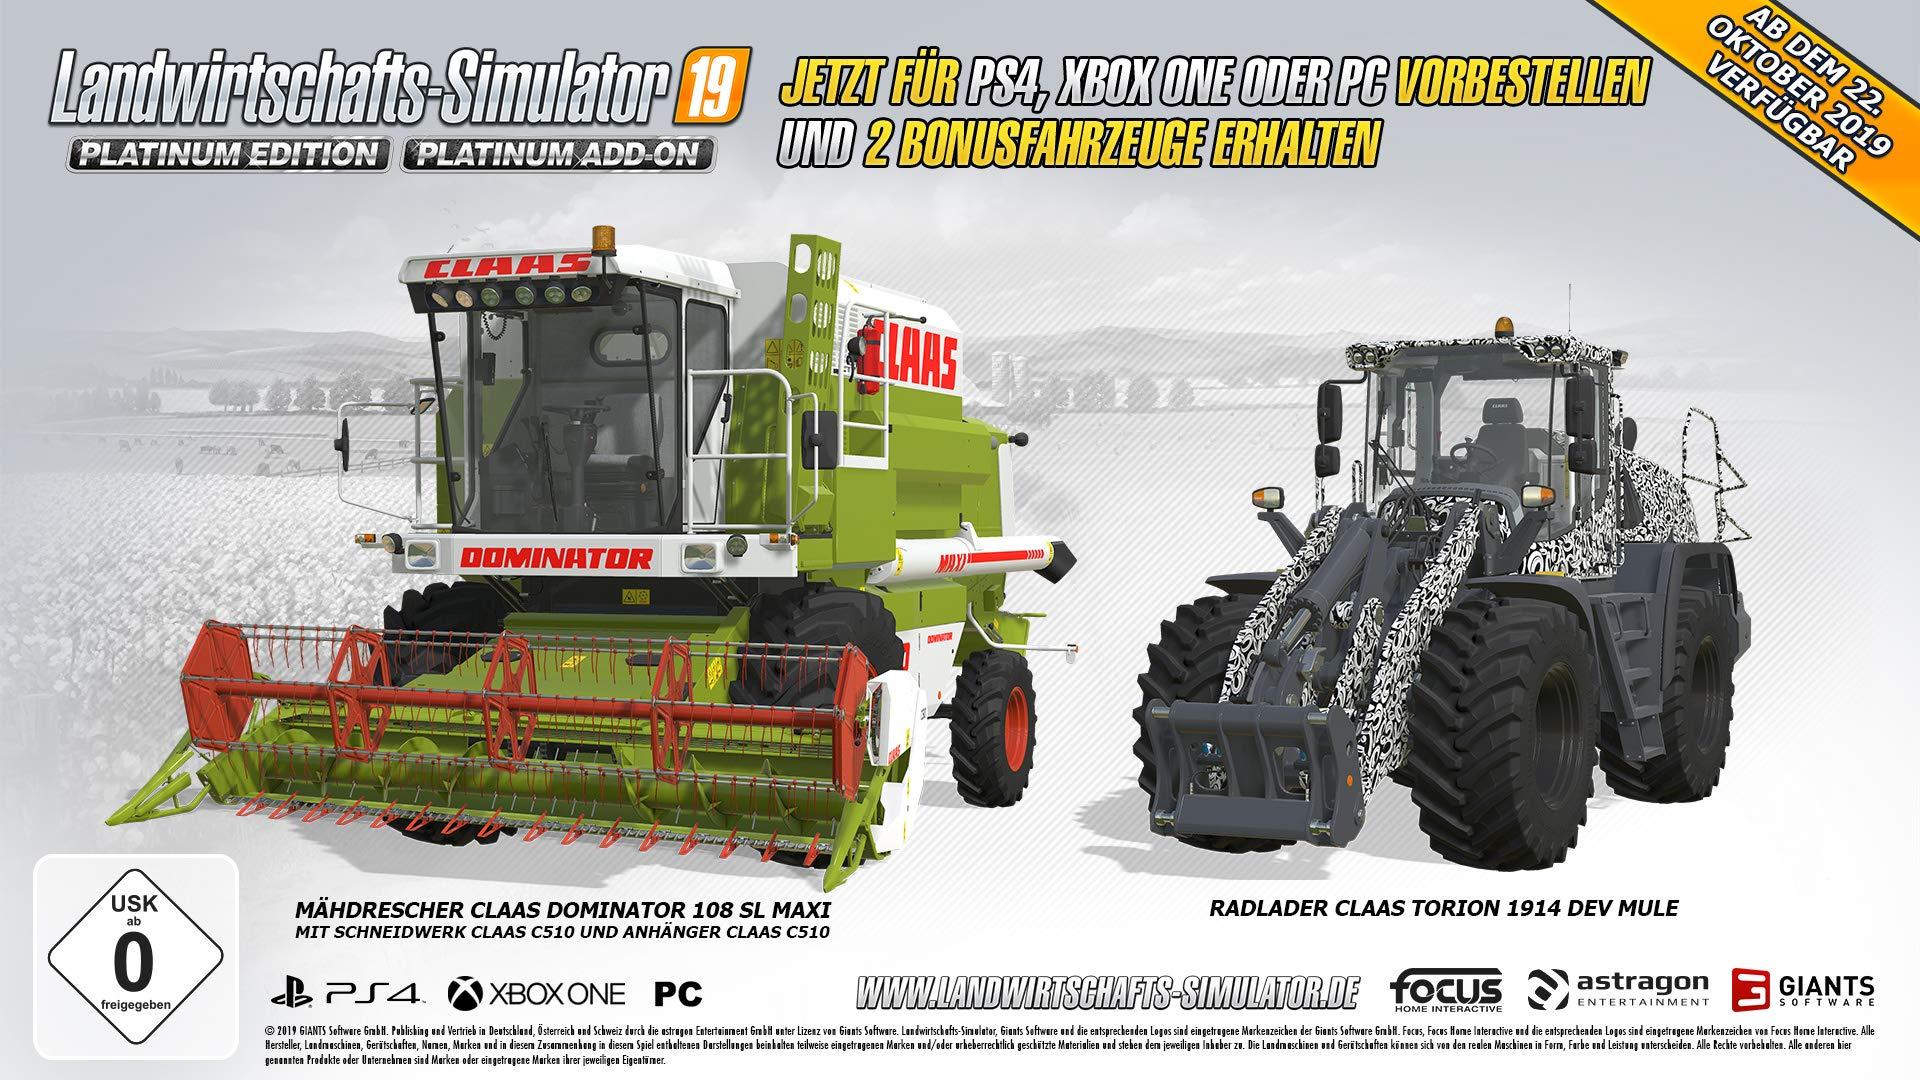 Landwirtschafts-Simulator 19 Platinum Edition Vorbesteller